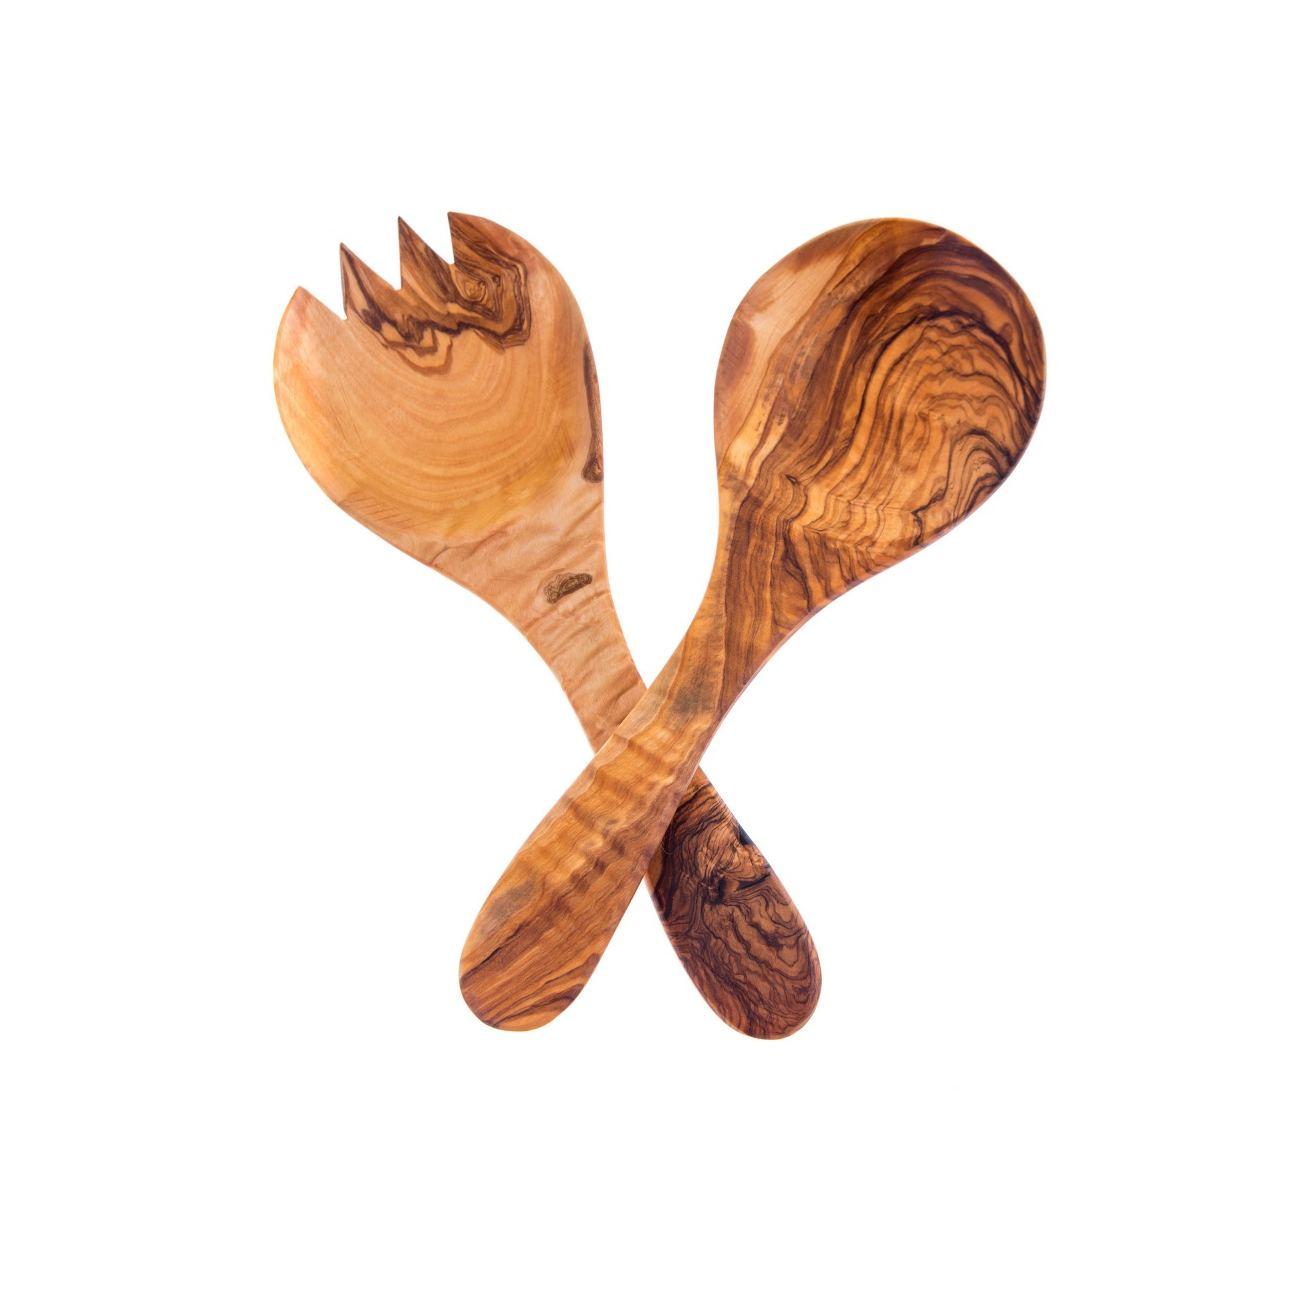 Olive Wood Kitchen Serving Utensils Handmade, Wooden Salad Or Fruit Spoon U0026  Fork Set 10